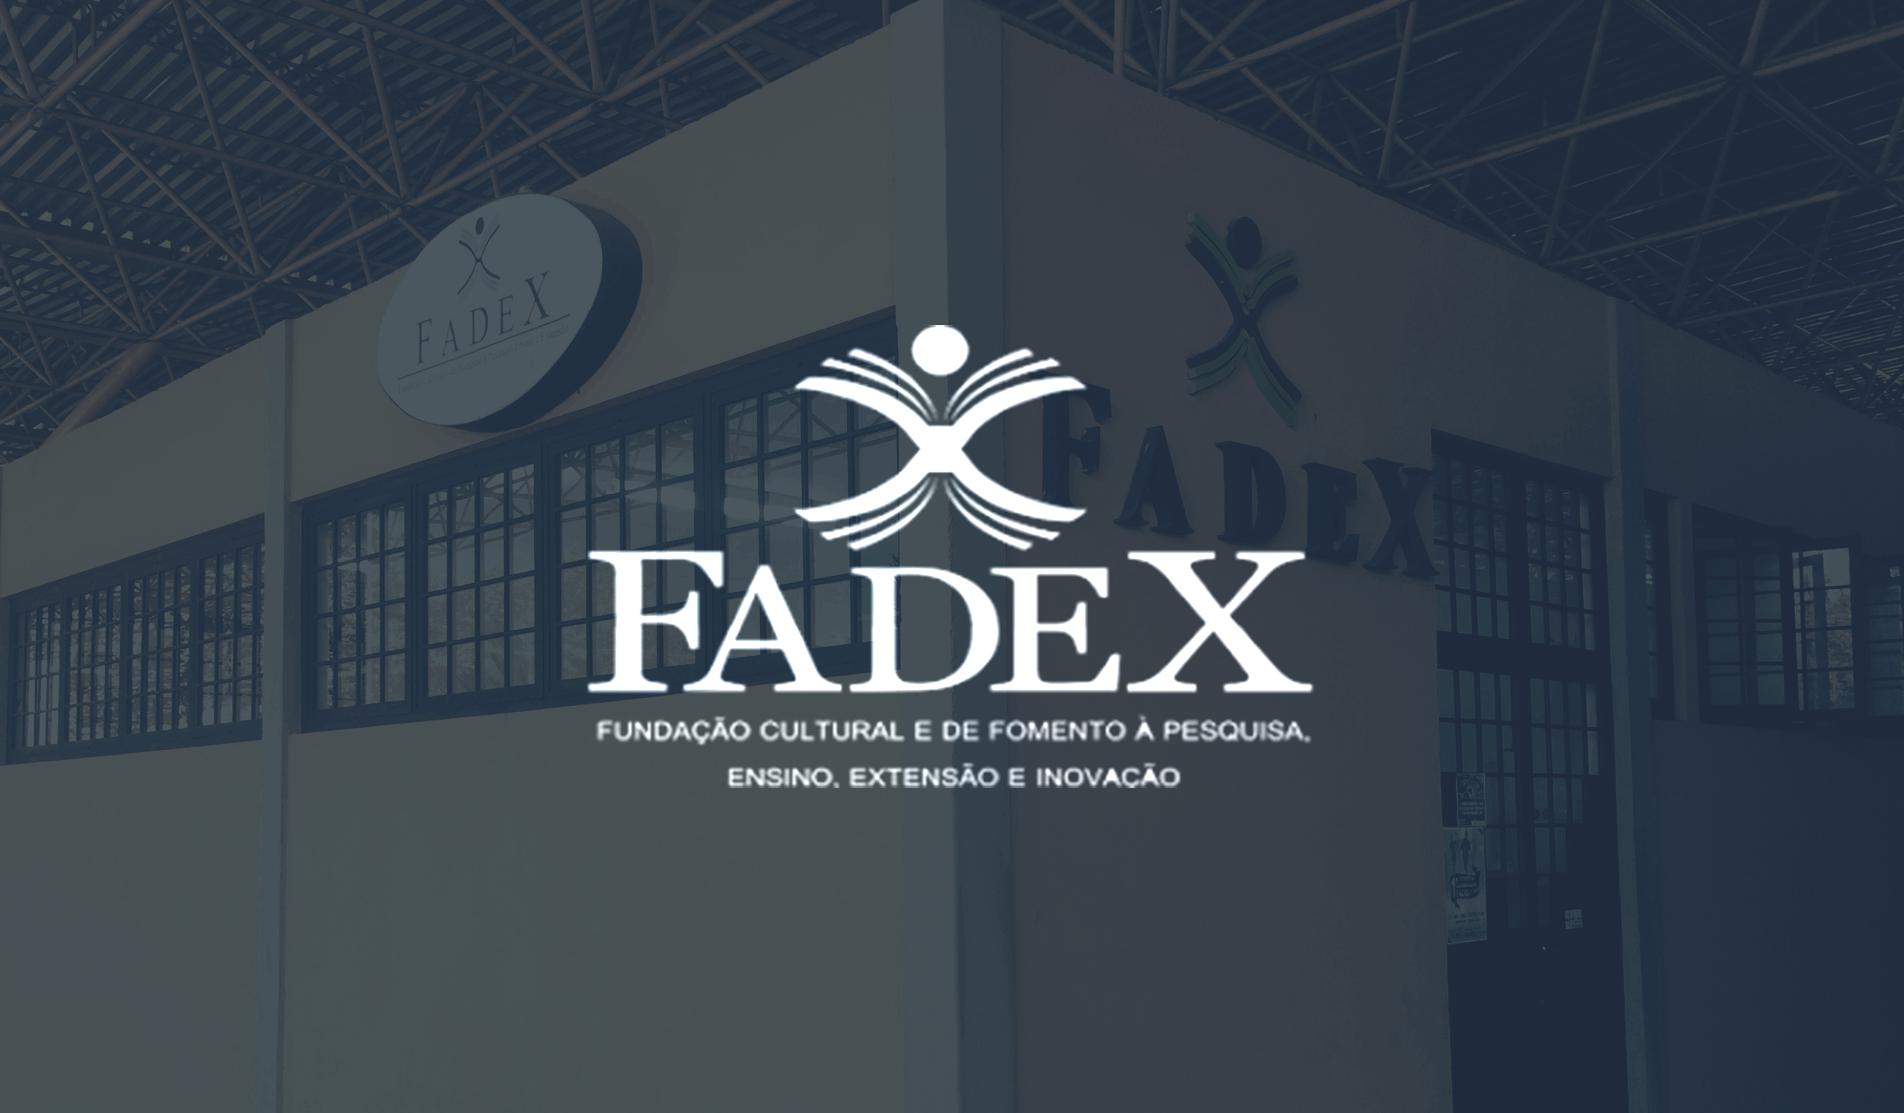 Resultado da segunda etapa: Edital – FADEX Nº 020/2018 Processo Seletivo para contratação temporária de Biomédicos.